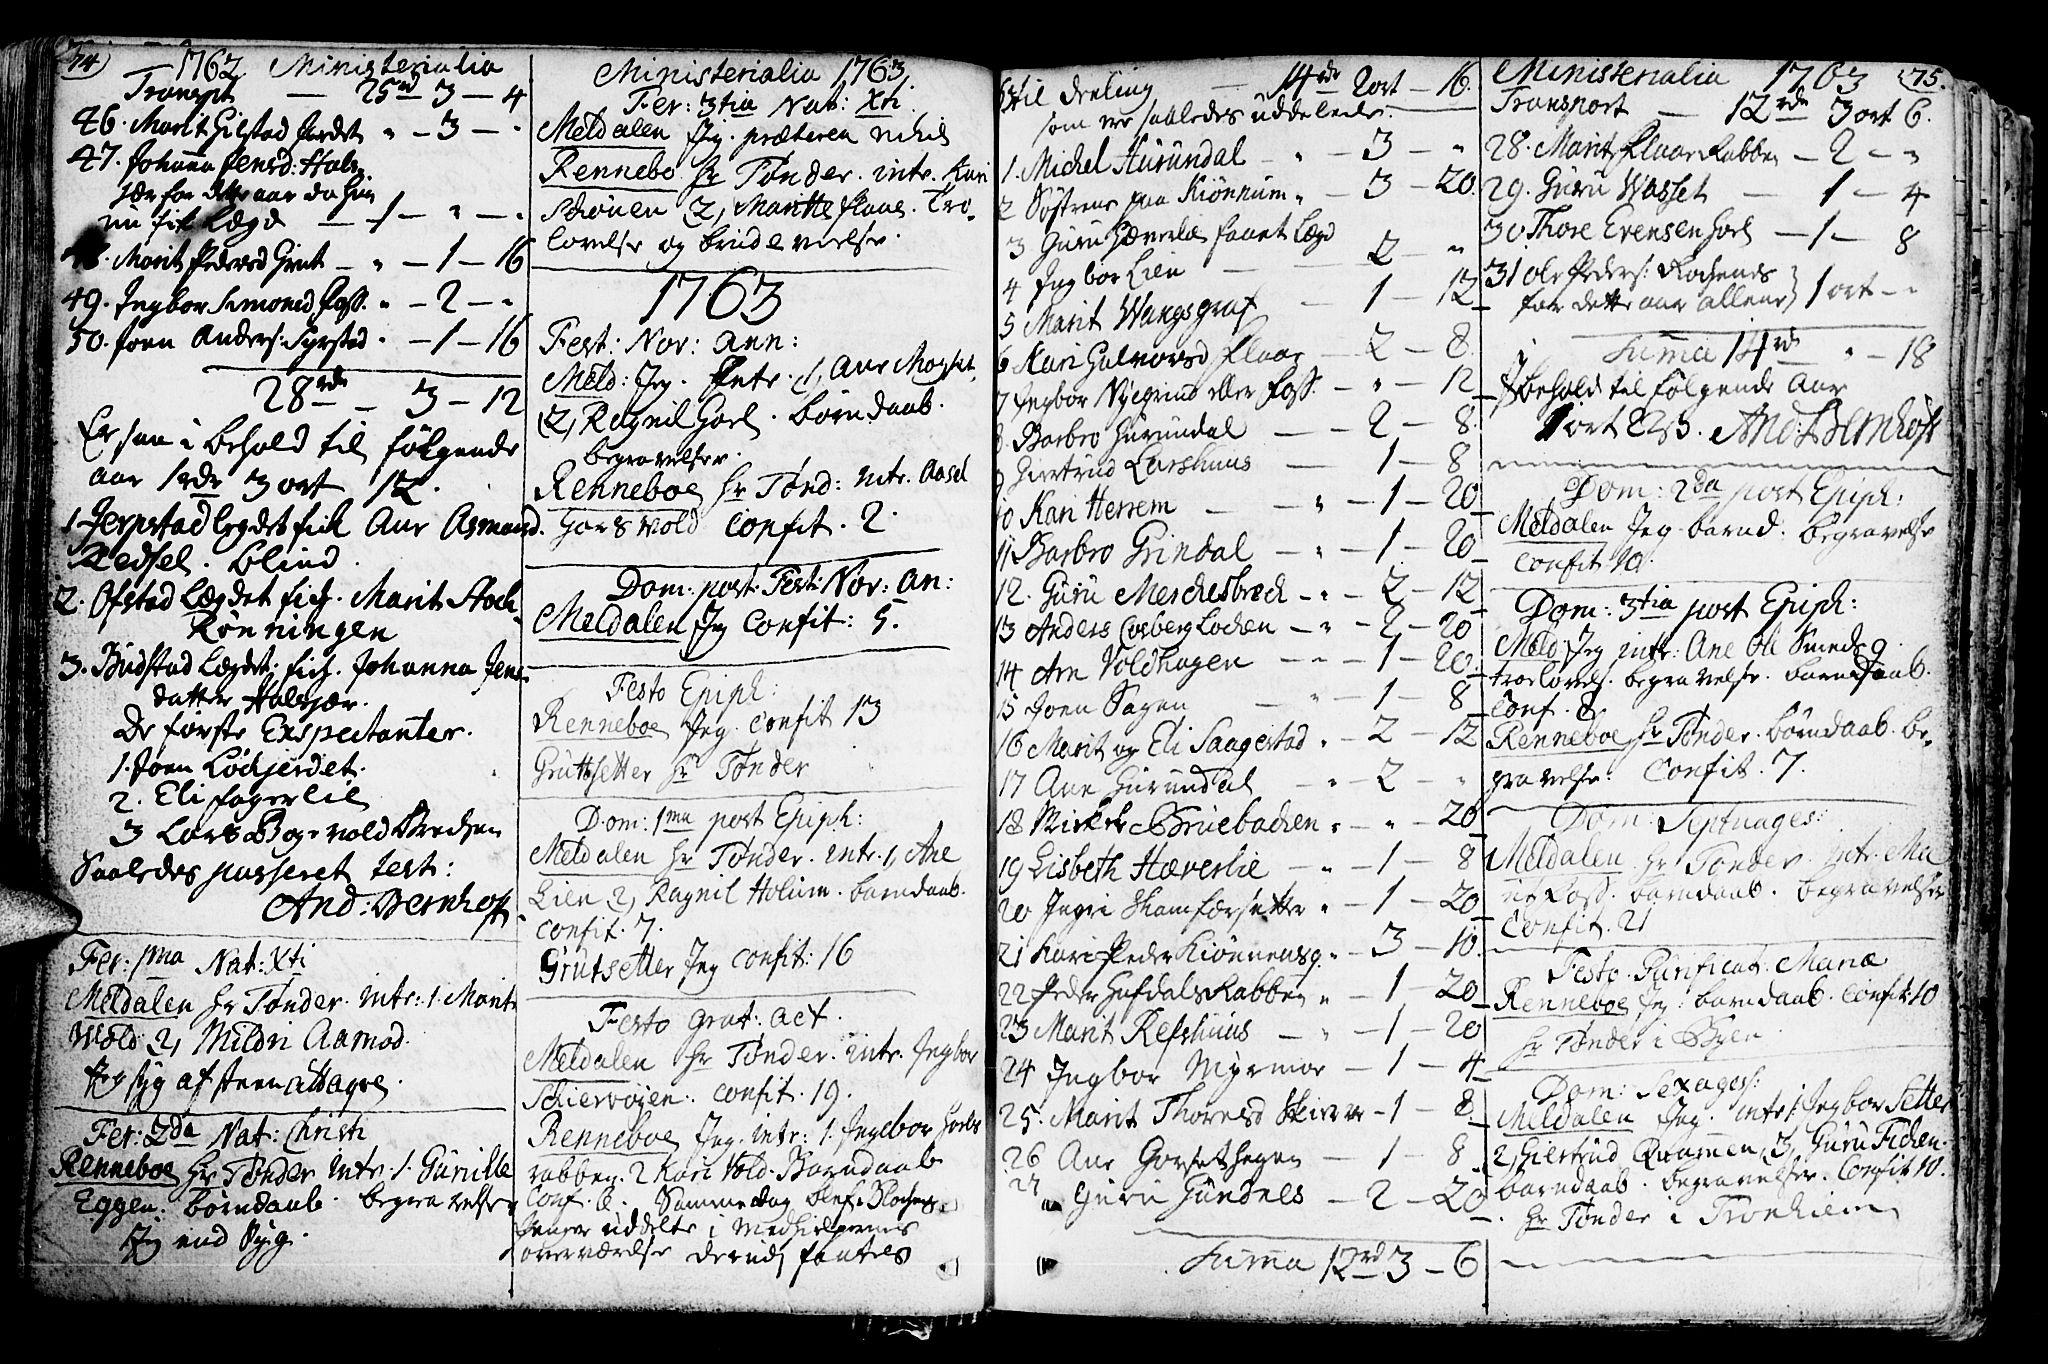 SAT, Ministerialprotokoller, klokkerbøker og fødselsregistre - Sør-Trøndelag, 672/L0851: Ministerialbok nr. 672A04, 1751-1775, s. 74-75